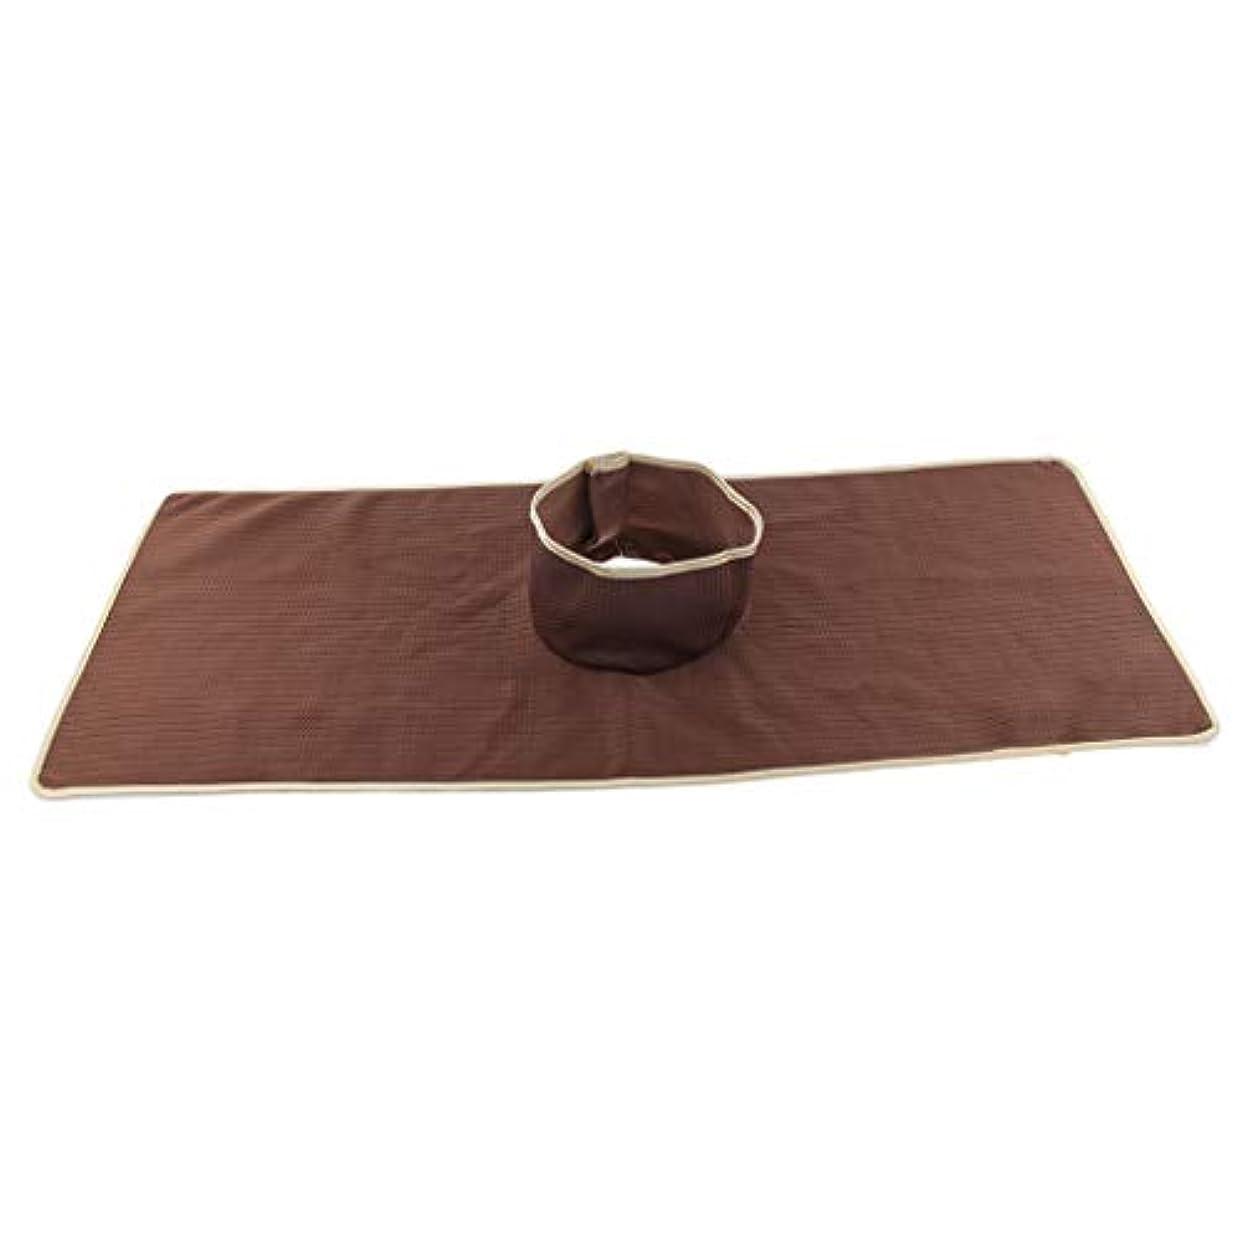 大声でプレゼン補足Baoblaze マッサージテーブルカバー シート パッド 顔の穴付き 再使用可能 約90×35cm 全3色 - コーヒー